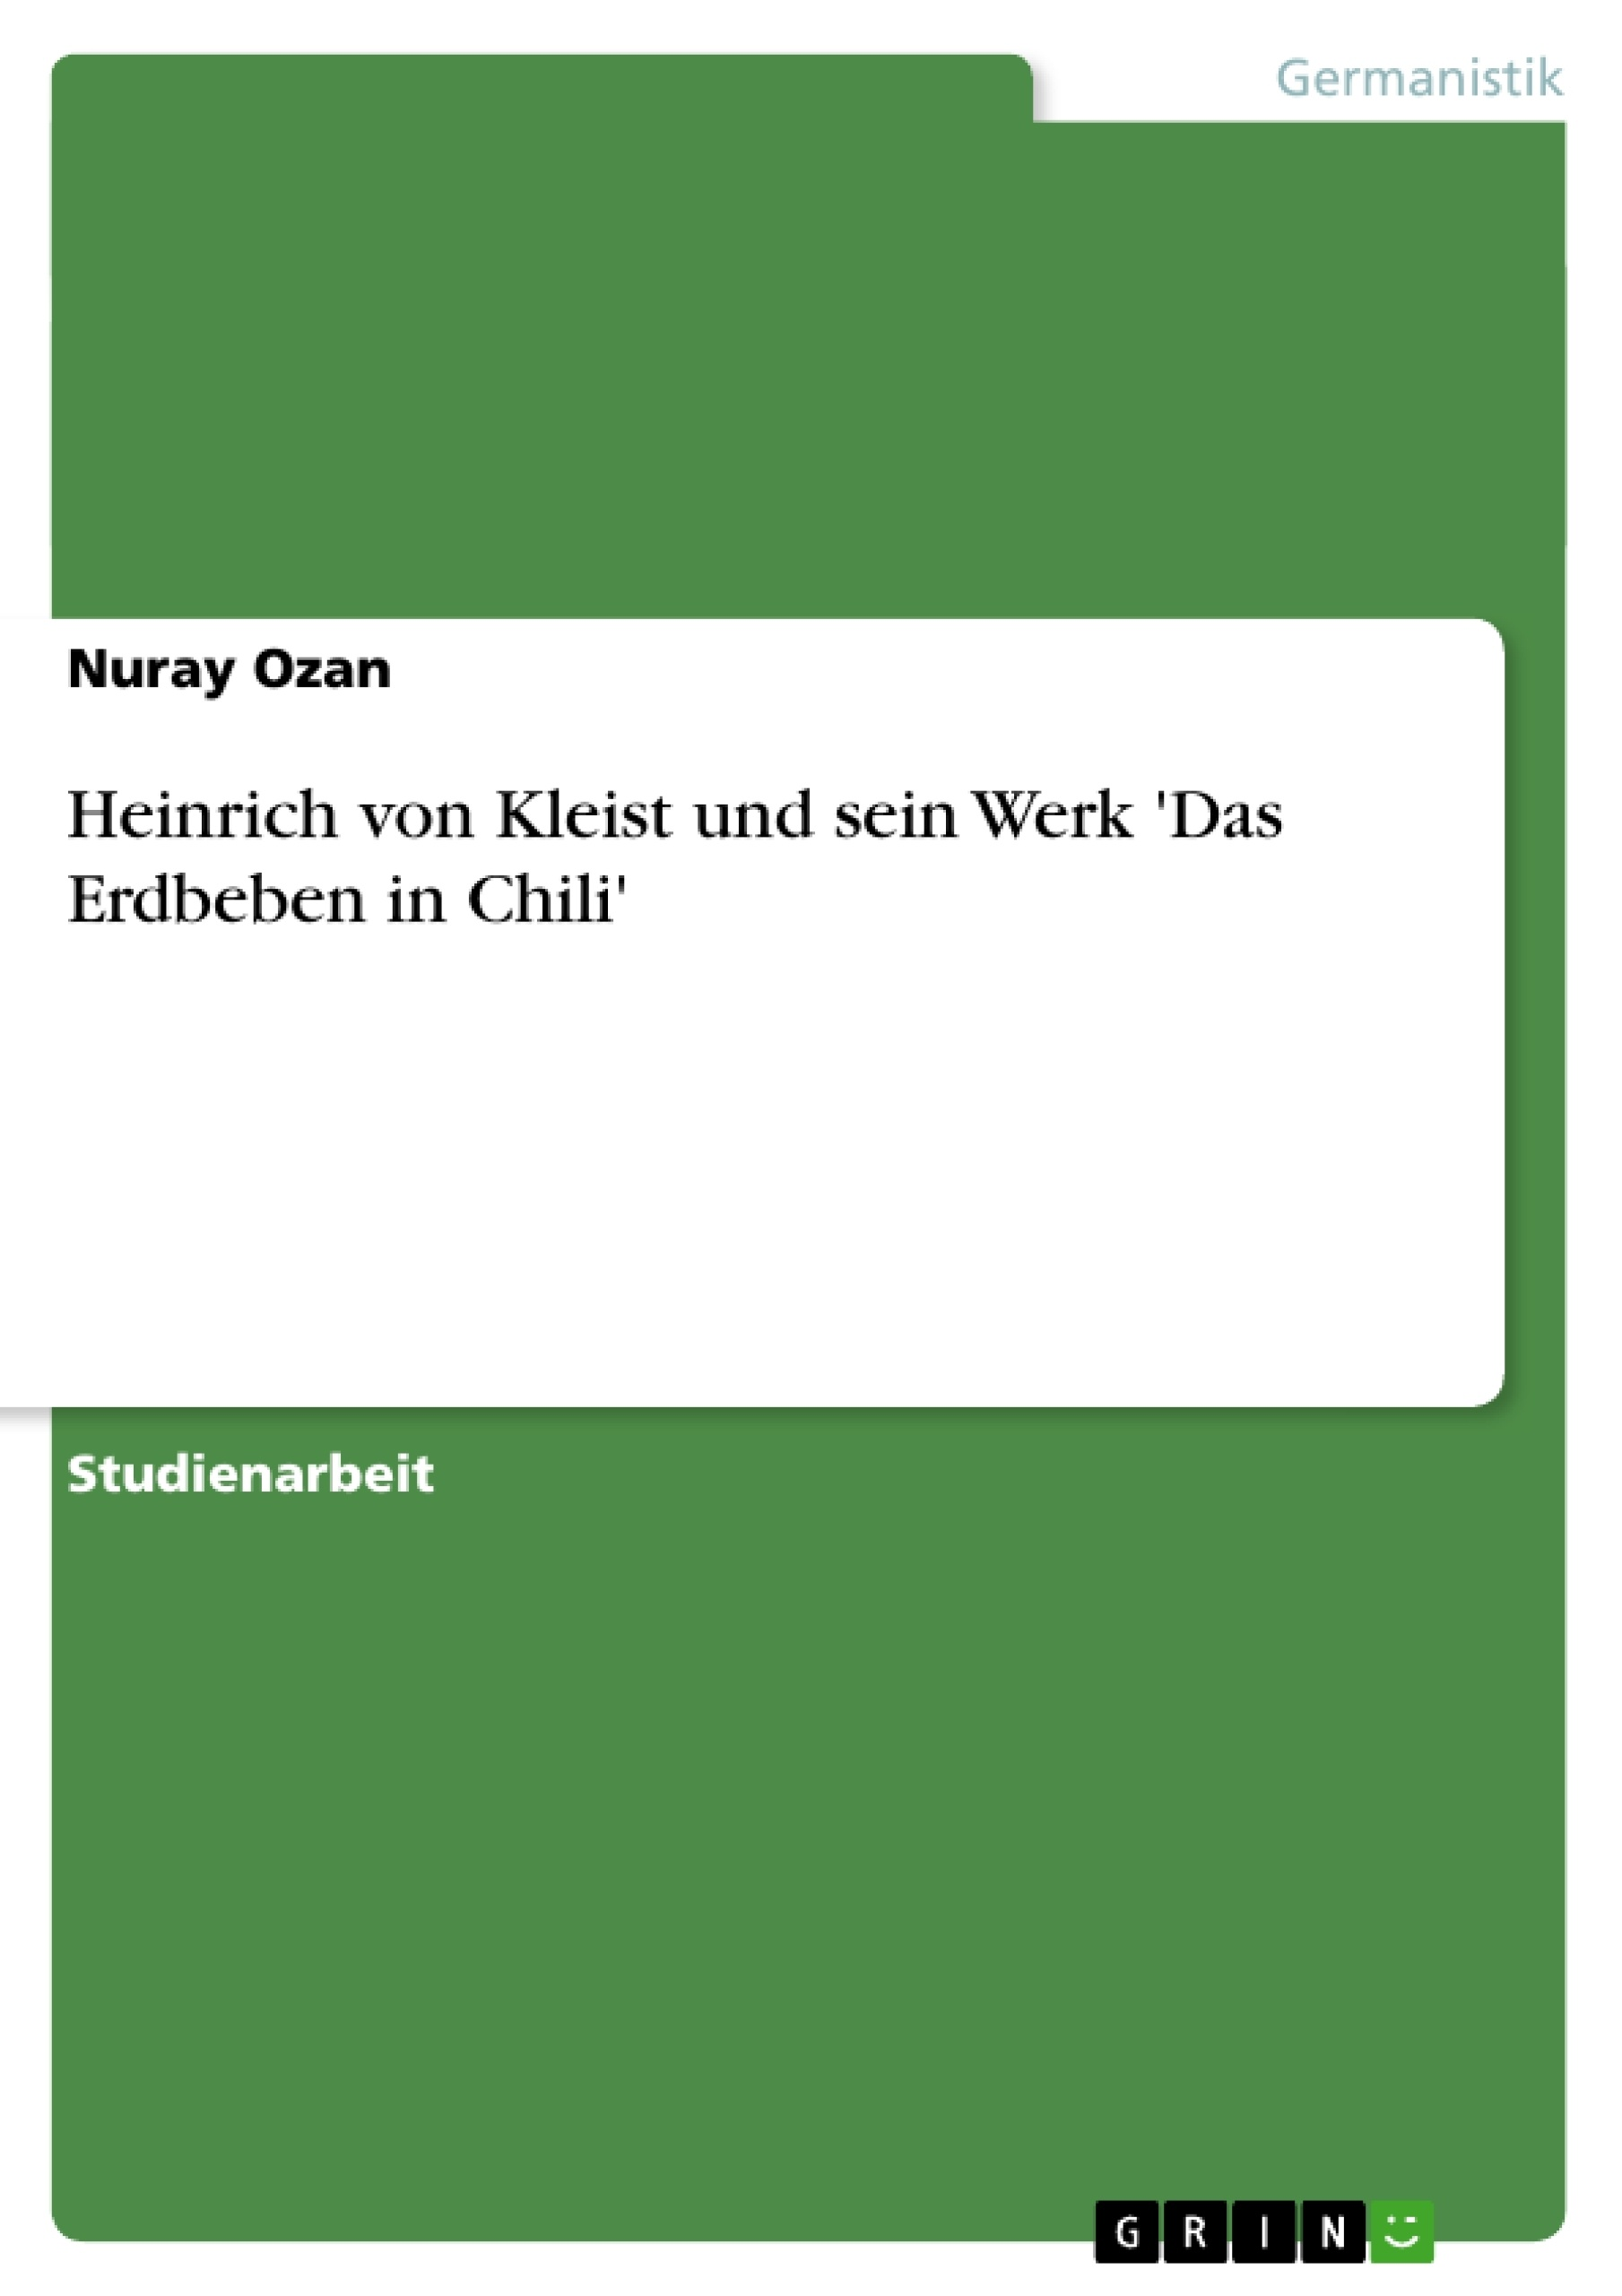 Titel: Heinrich von Kleist und sein Werk 'Das Erdbeben in Chili'